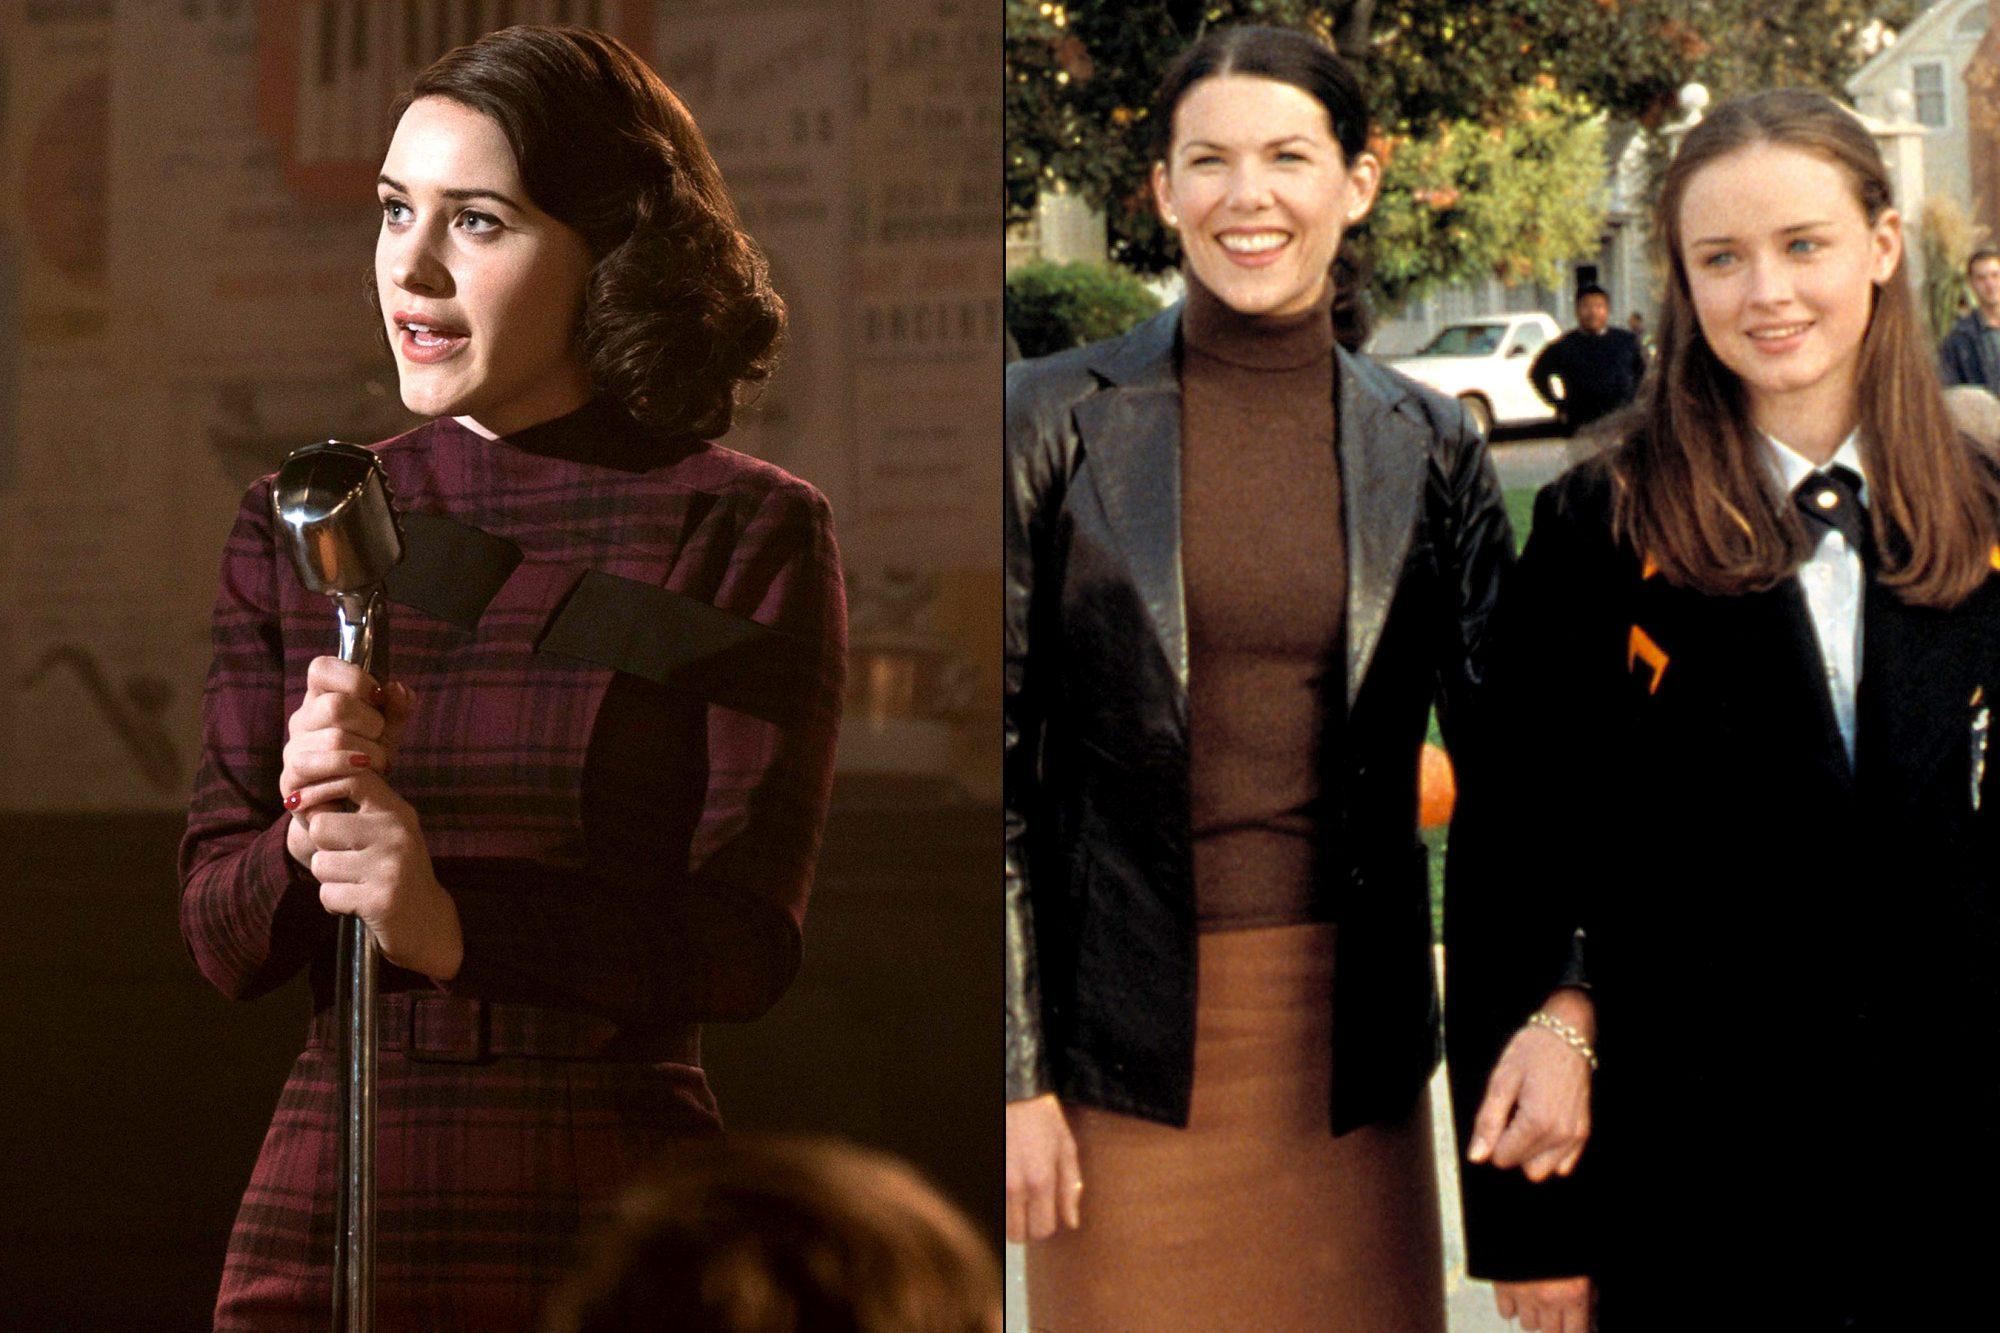 The Marvelous Mrs. Maisel / Gilmore Girls